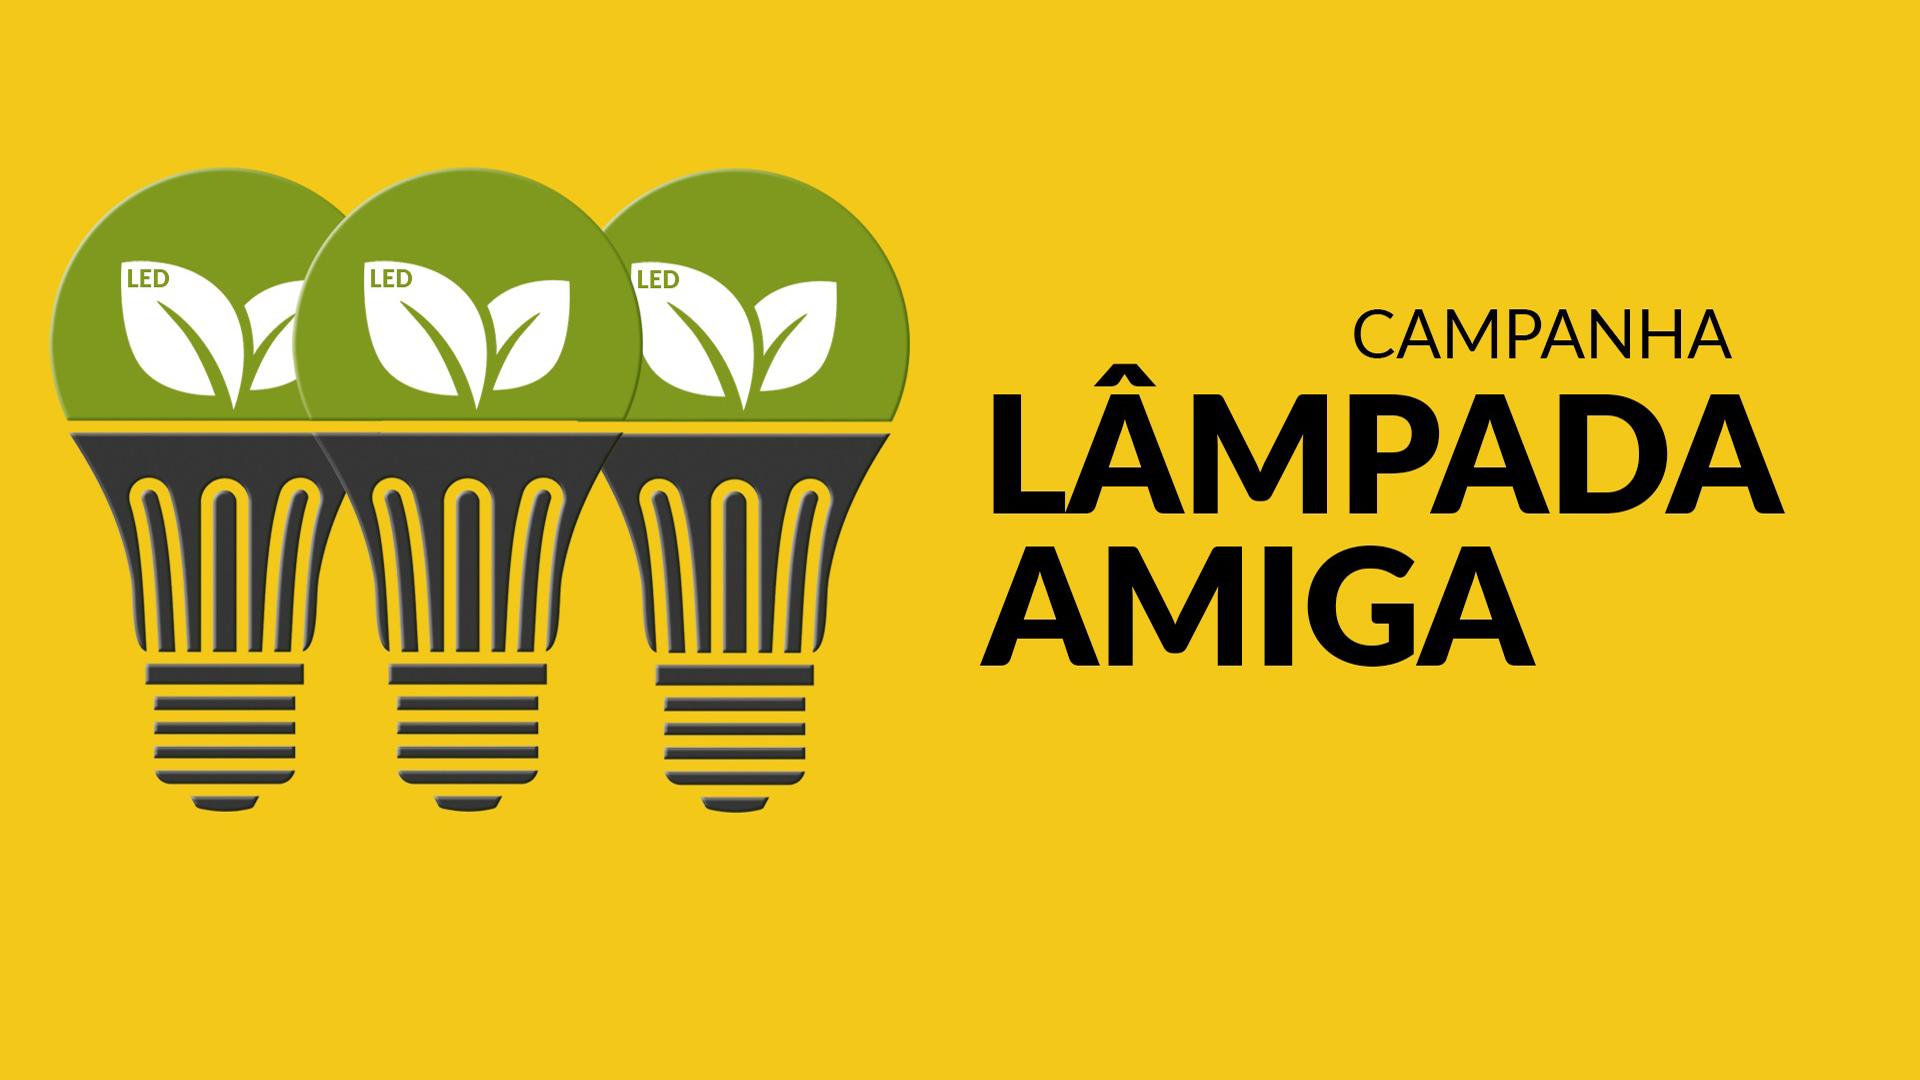 Campanha do Governo dos Açores promove poupança energética junto das famílias mais carenciadas através da troca de lâmpadas